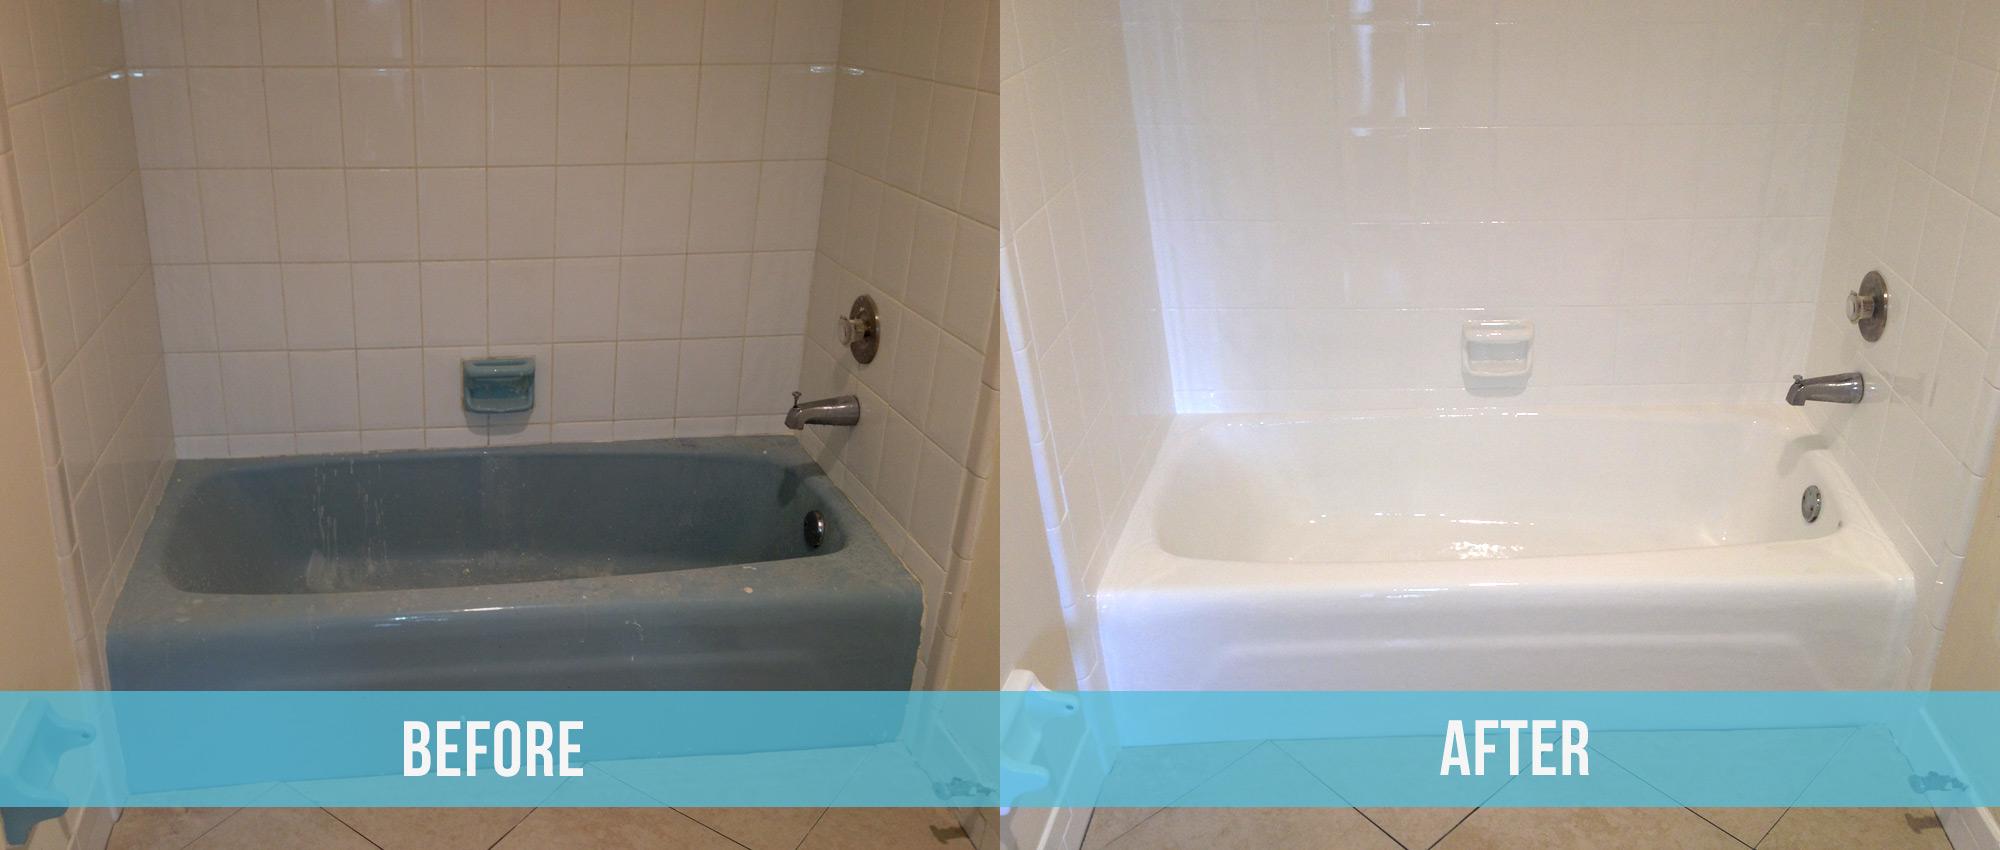 Tub Refinish Fort Lauderdale Florida Bathtub Refinishing